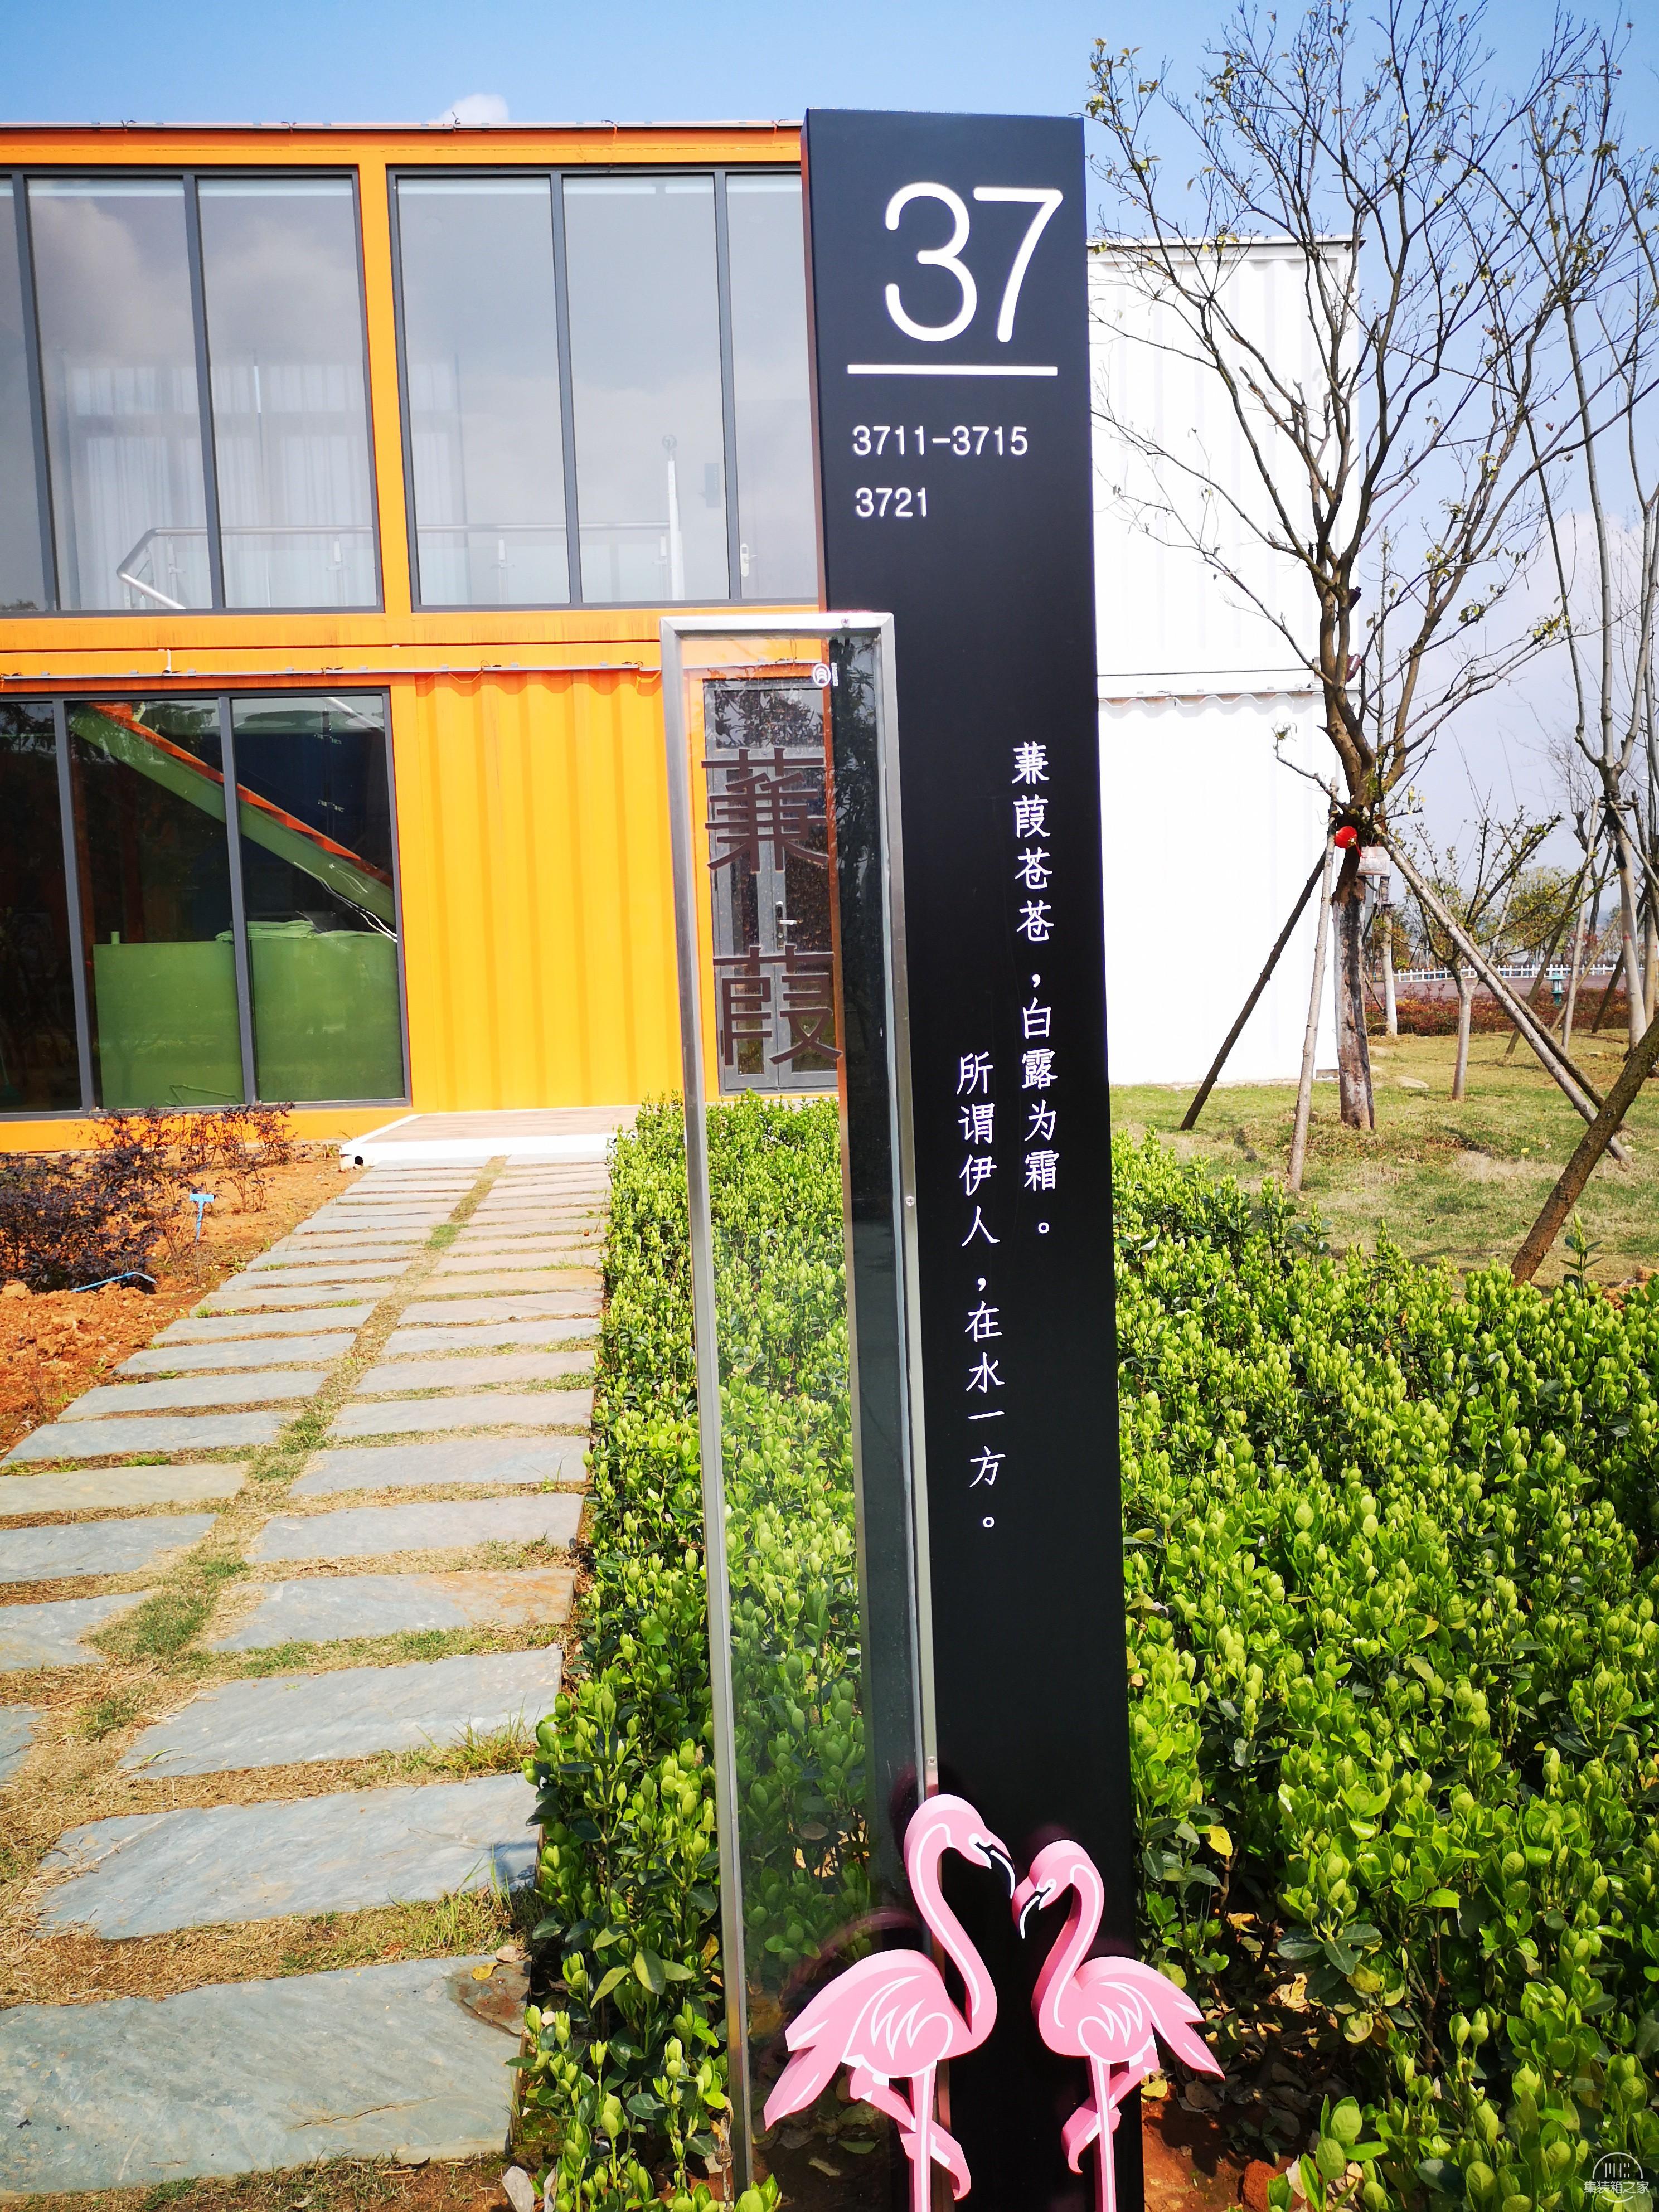 武汉蜜月湾:首个蜜月爱情主题度假区,还有甜蜜浪漫集装箱酒店-11.jpg